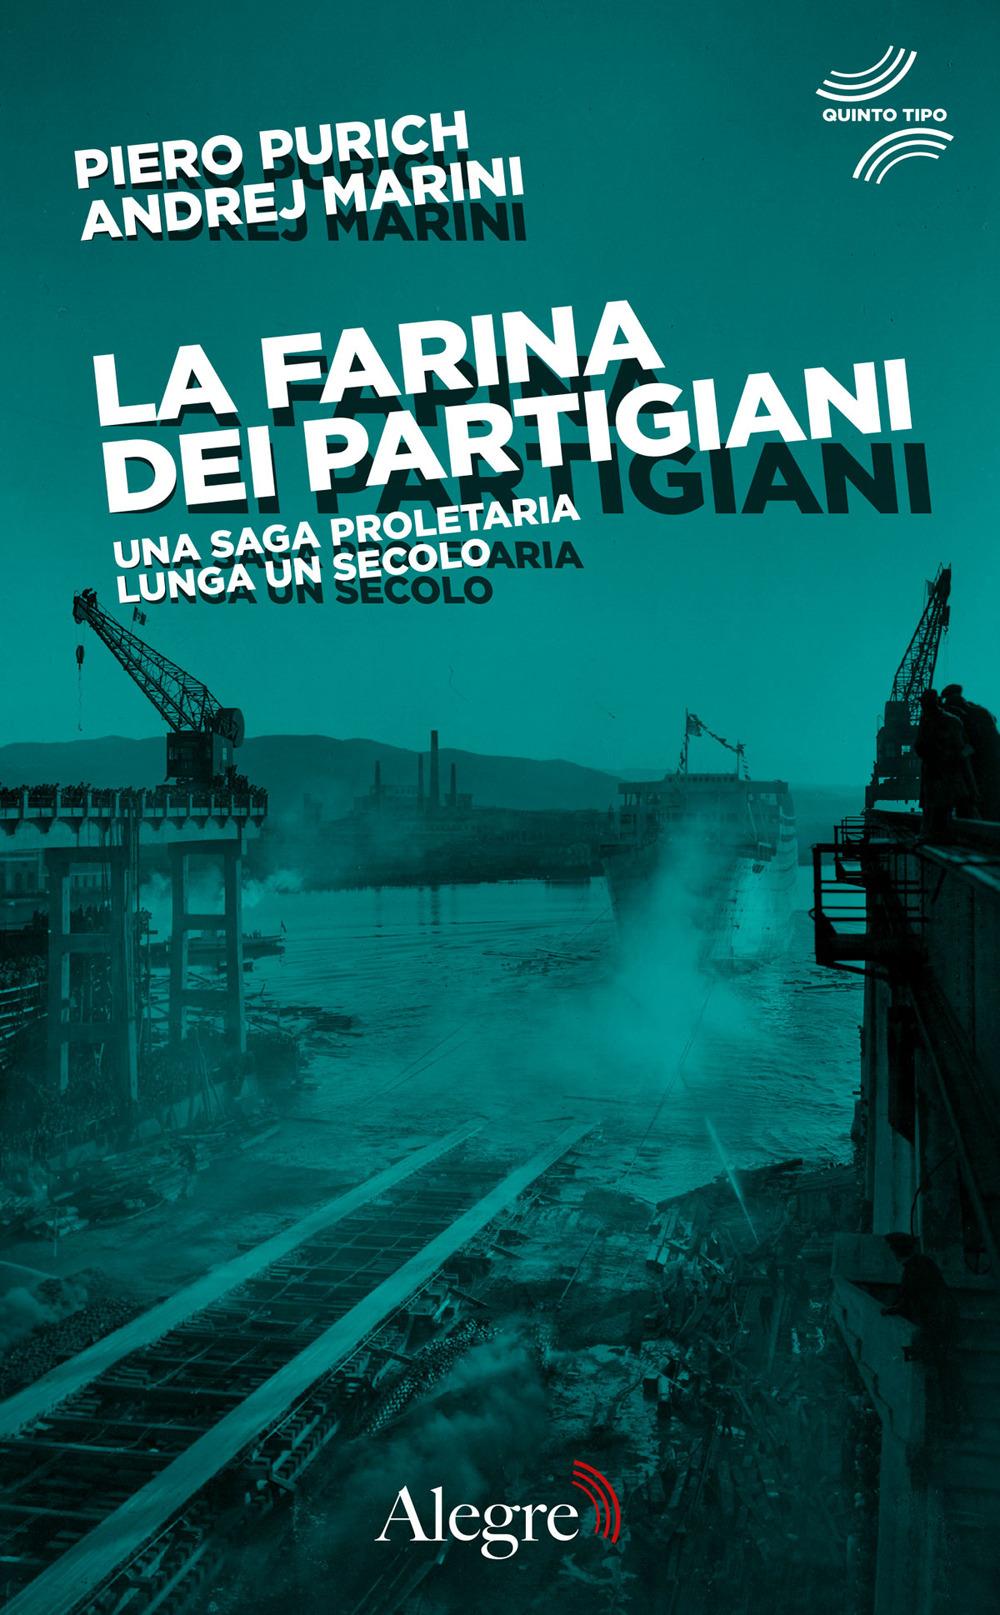 FARINA DEI PARTIGIANI (LA) - Purich Piero; Marini A. - 9788832067460